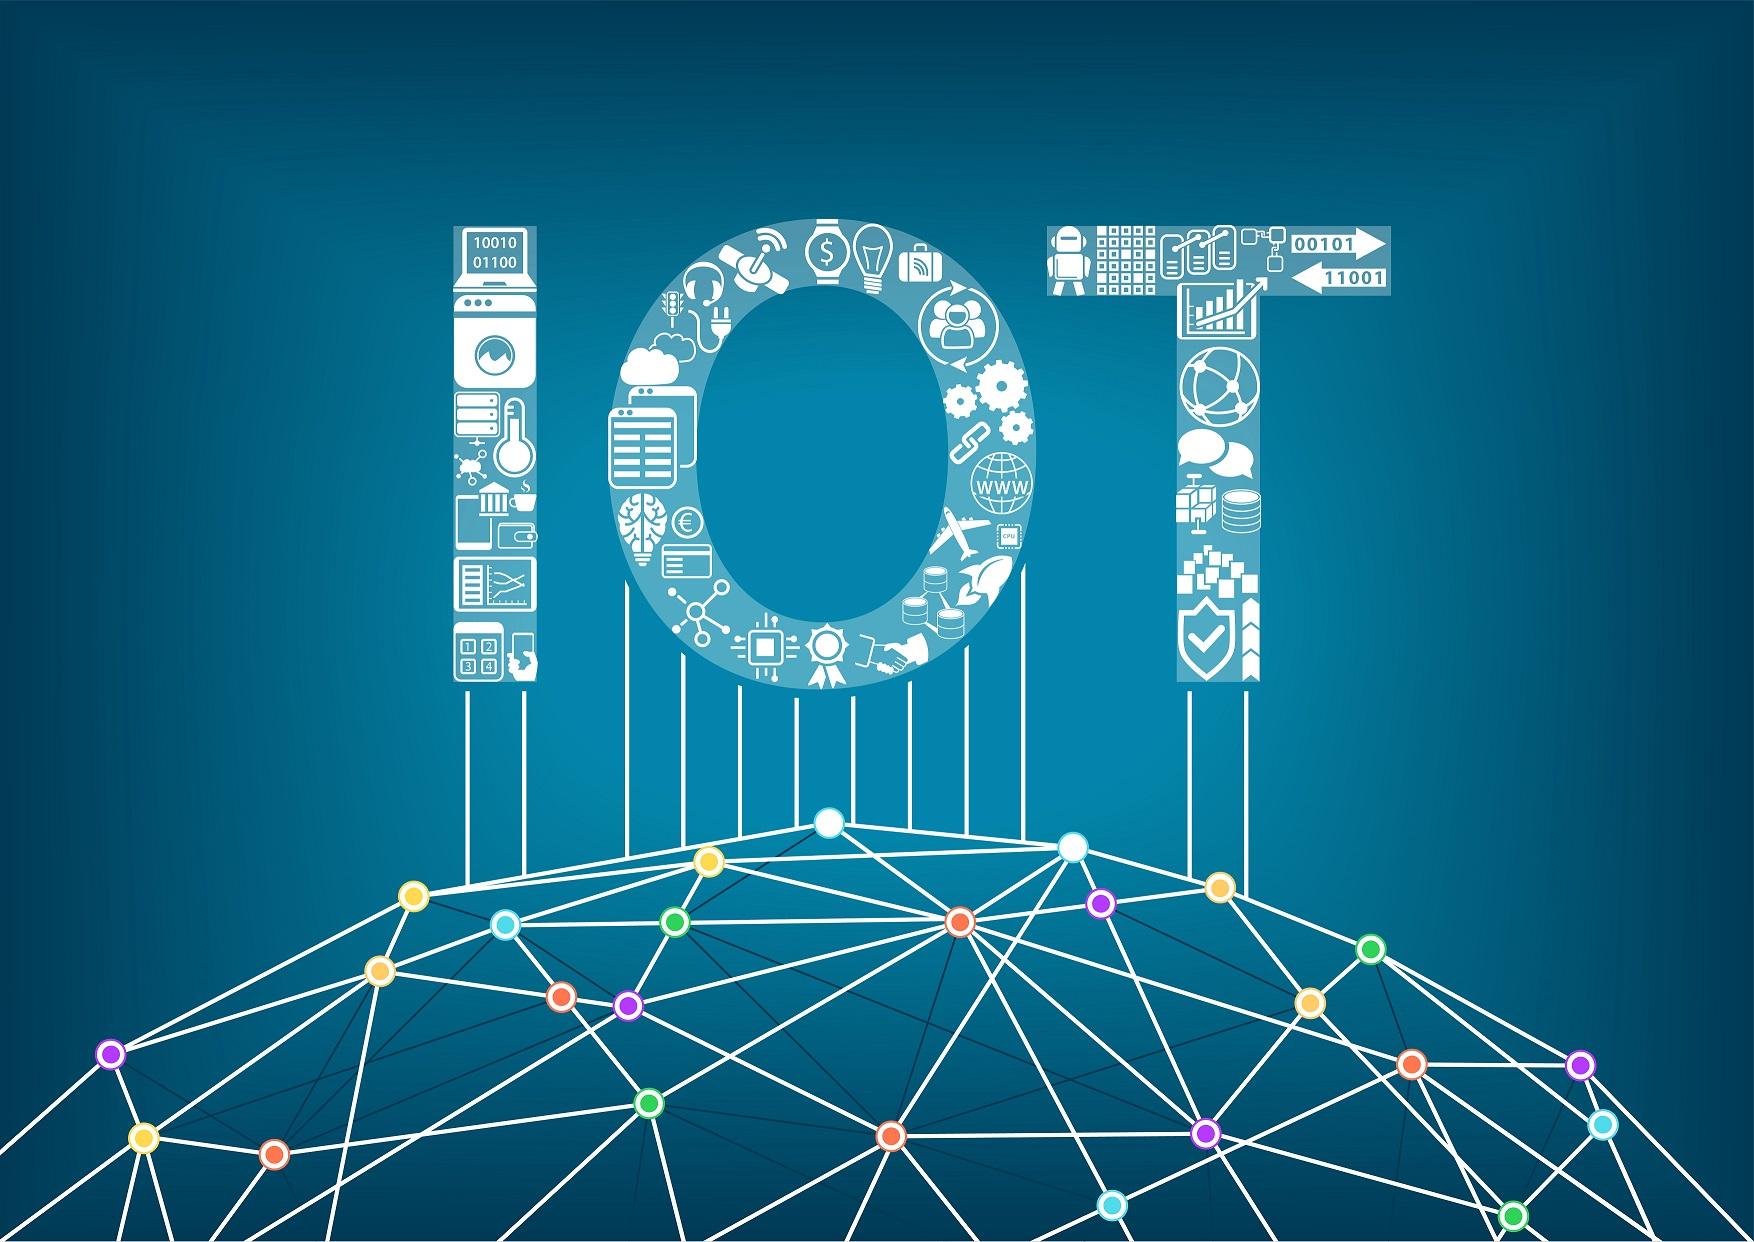 Gross DIGITALpartner - IOT - Internet of Things